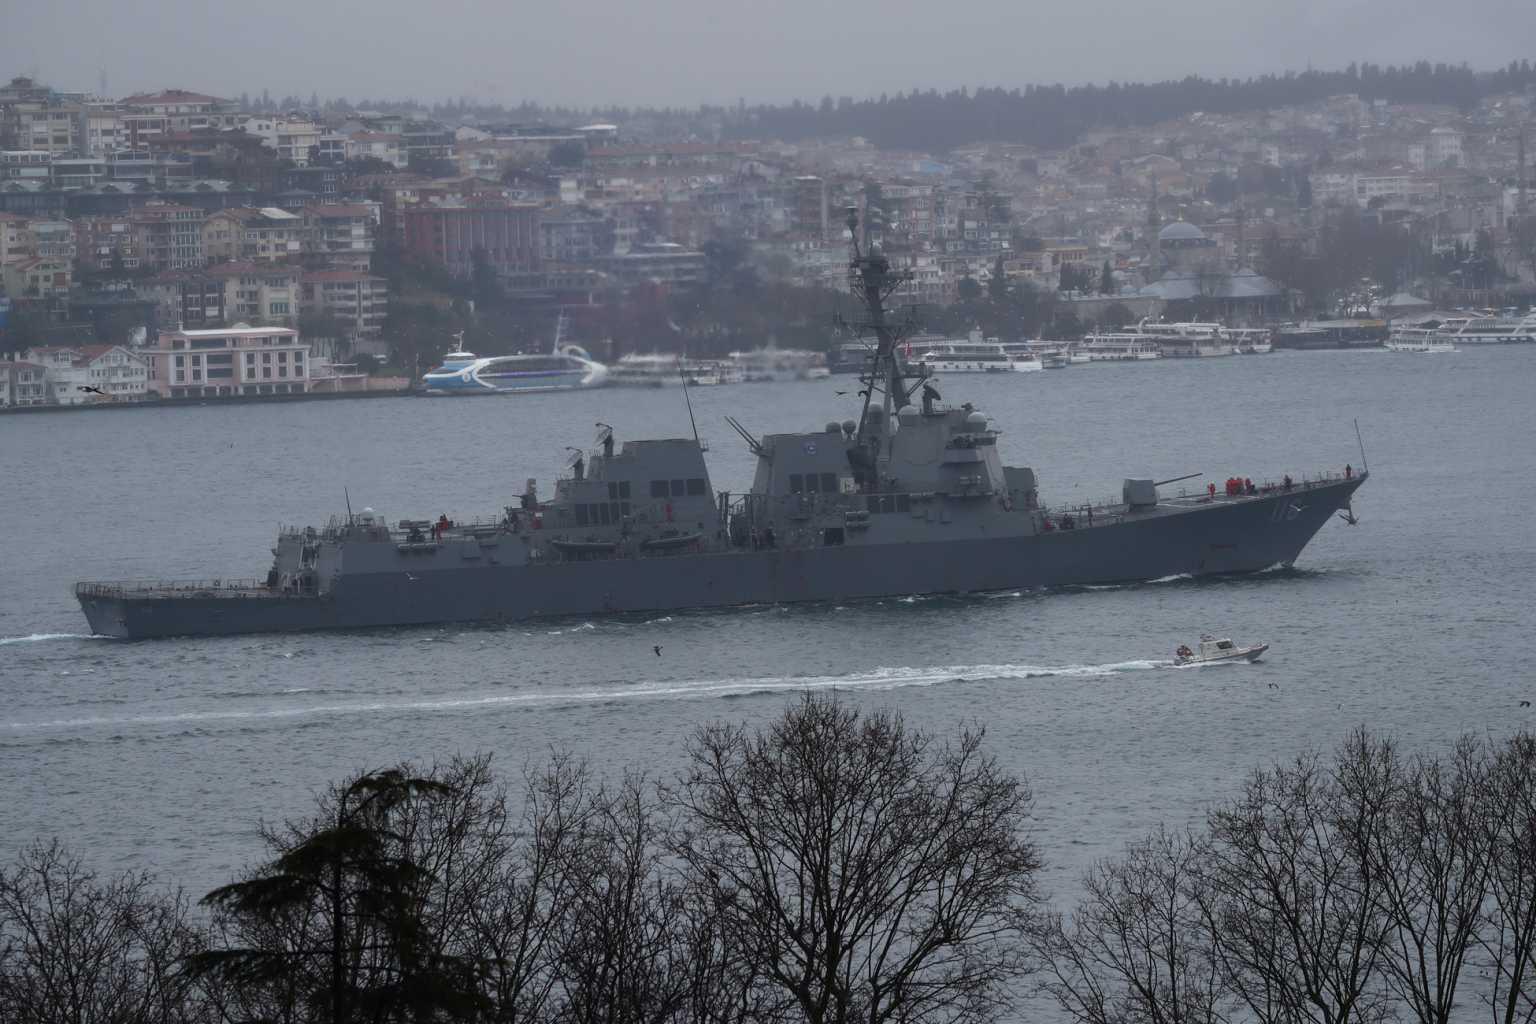 Μυρίζει Μπαρούτι στη Μαύρη Θάλασσα – Δυο πολεμικά πλοία των ΗΠΑ στην περιοχή